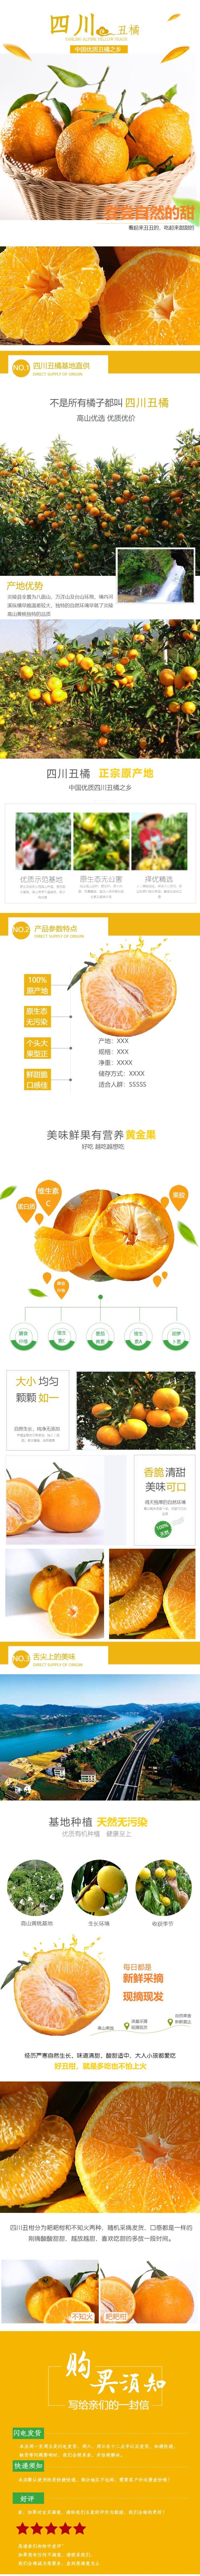 清新简约百货零售生鲜水果丑橘促销电商详情页